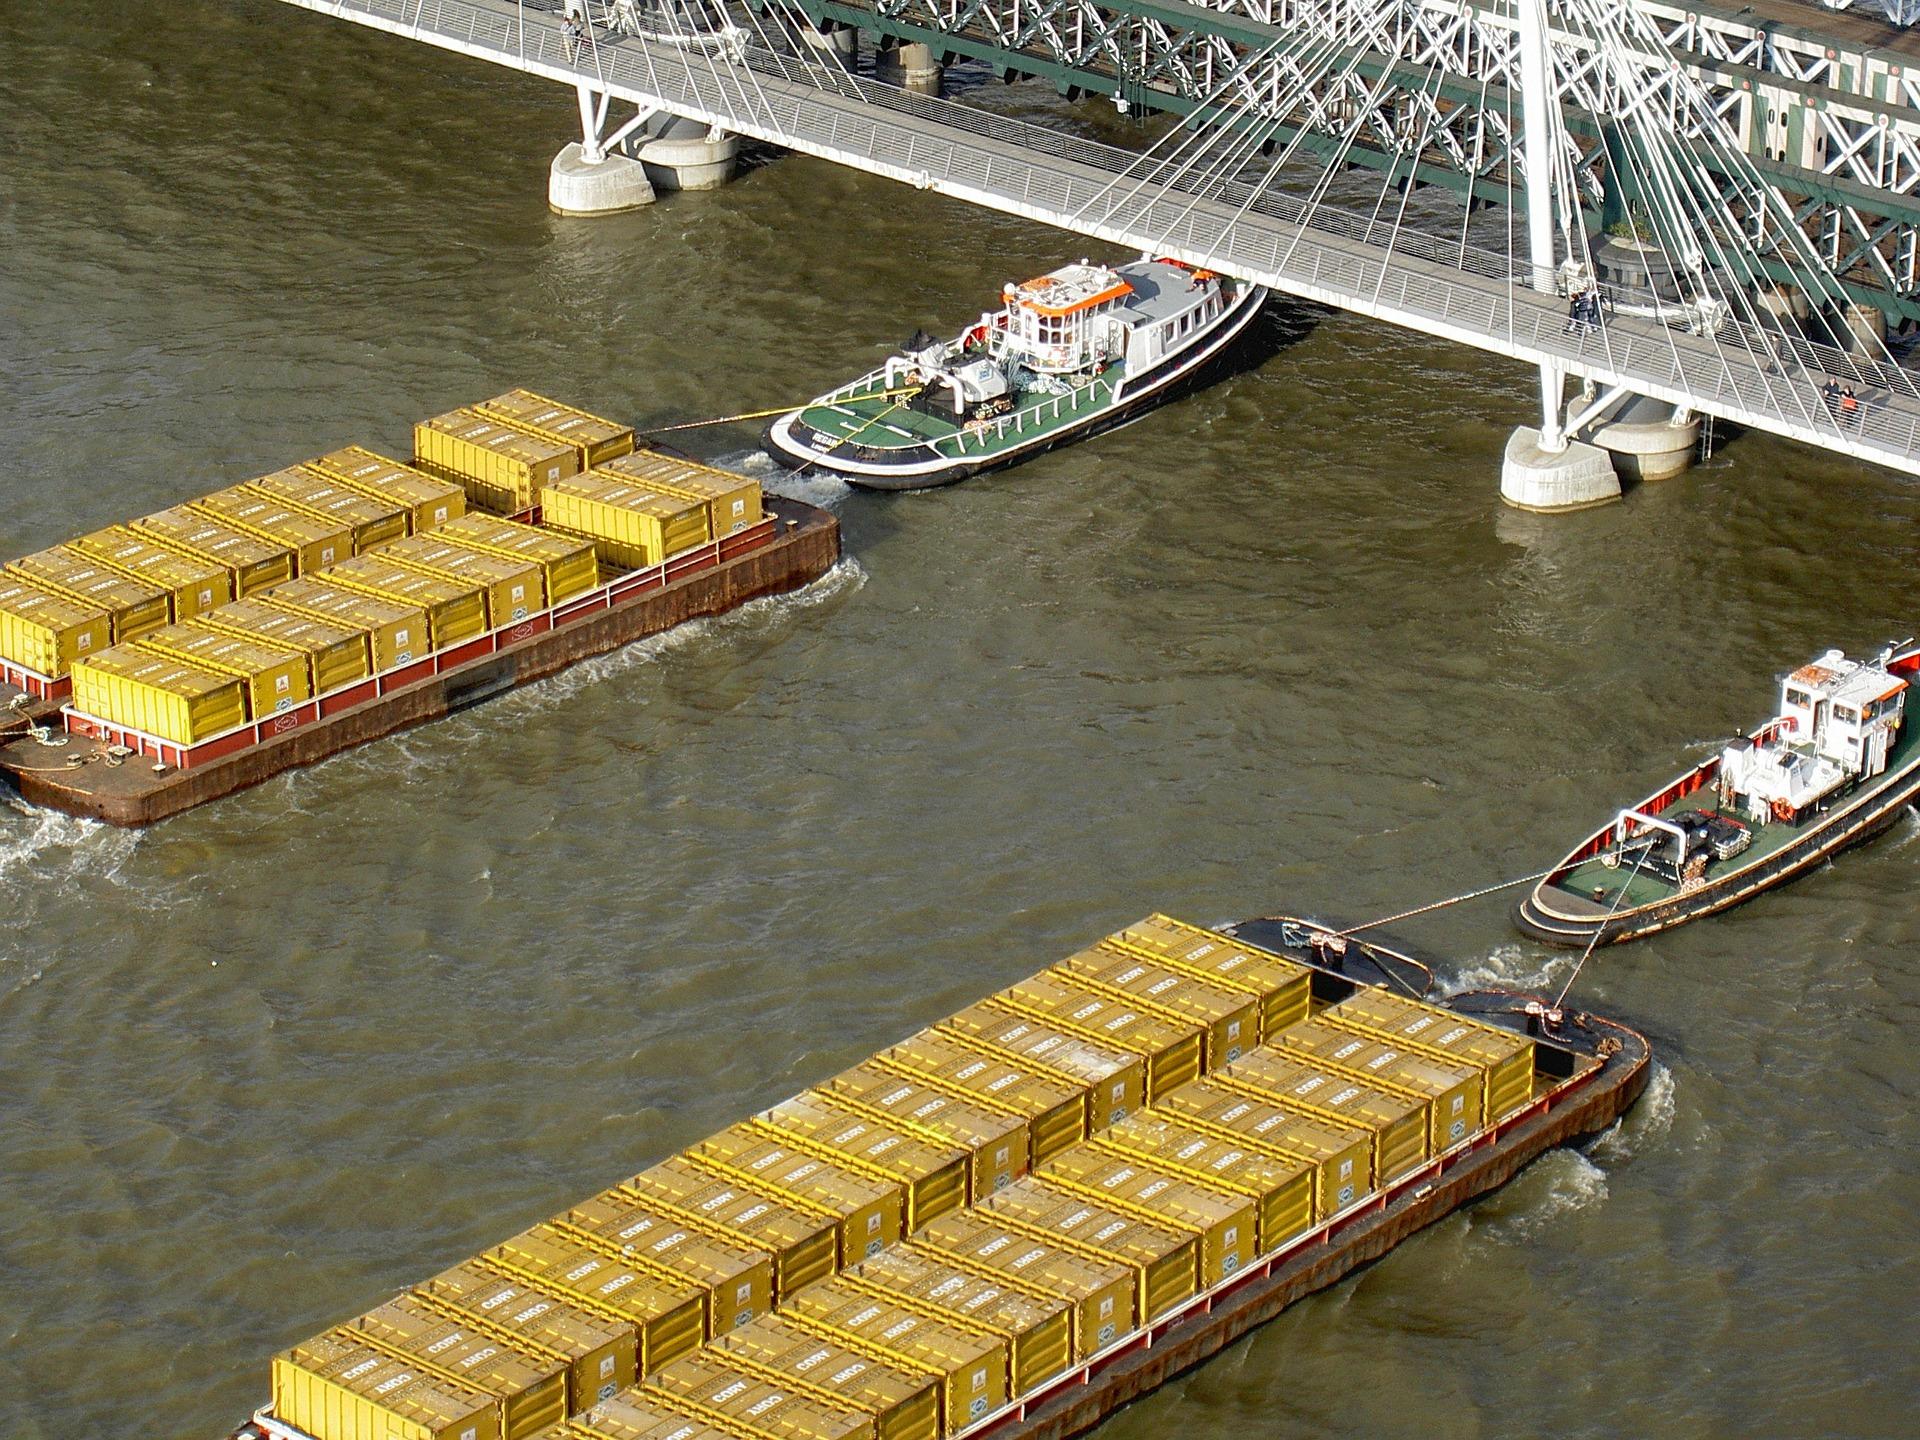 «Грейн-Трансшипмент» зупинив будівництво барж через закон щодо річкового транспорту